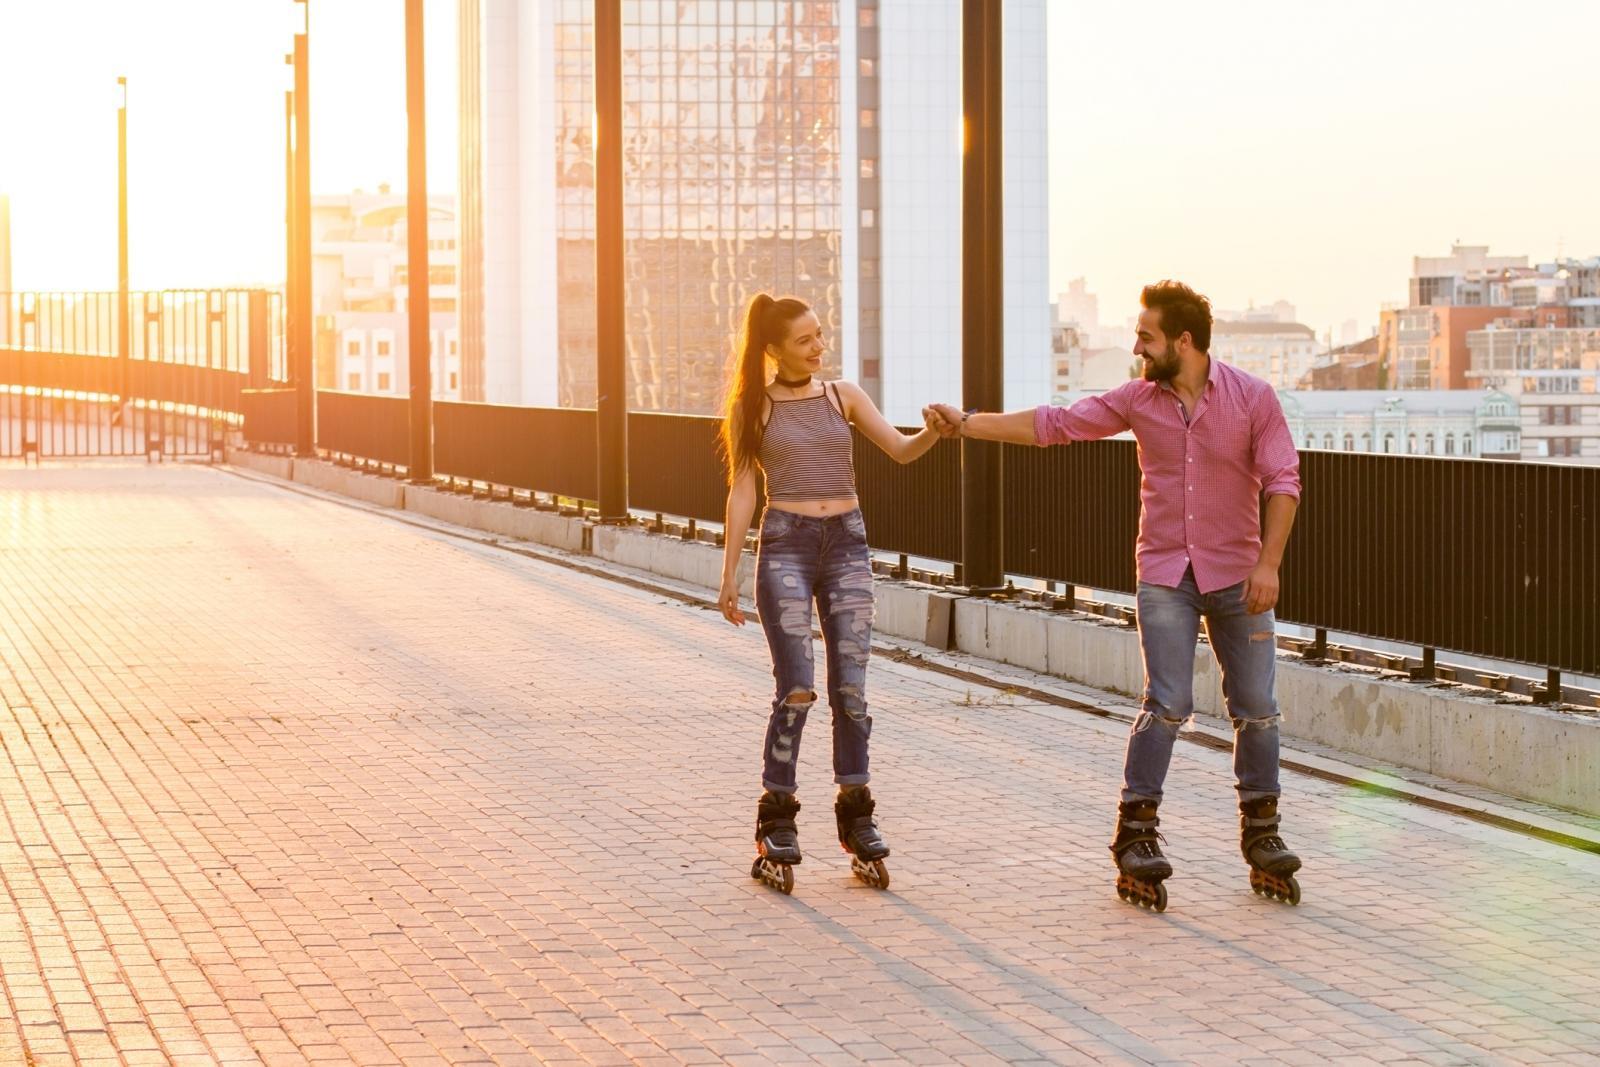 Ako tražite zabavan hobi zbog kojega ćete se više gibati i družiti, rolanje je dobar izbor.